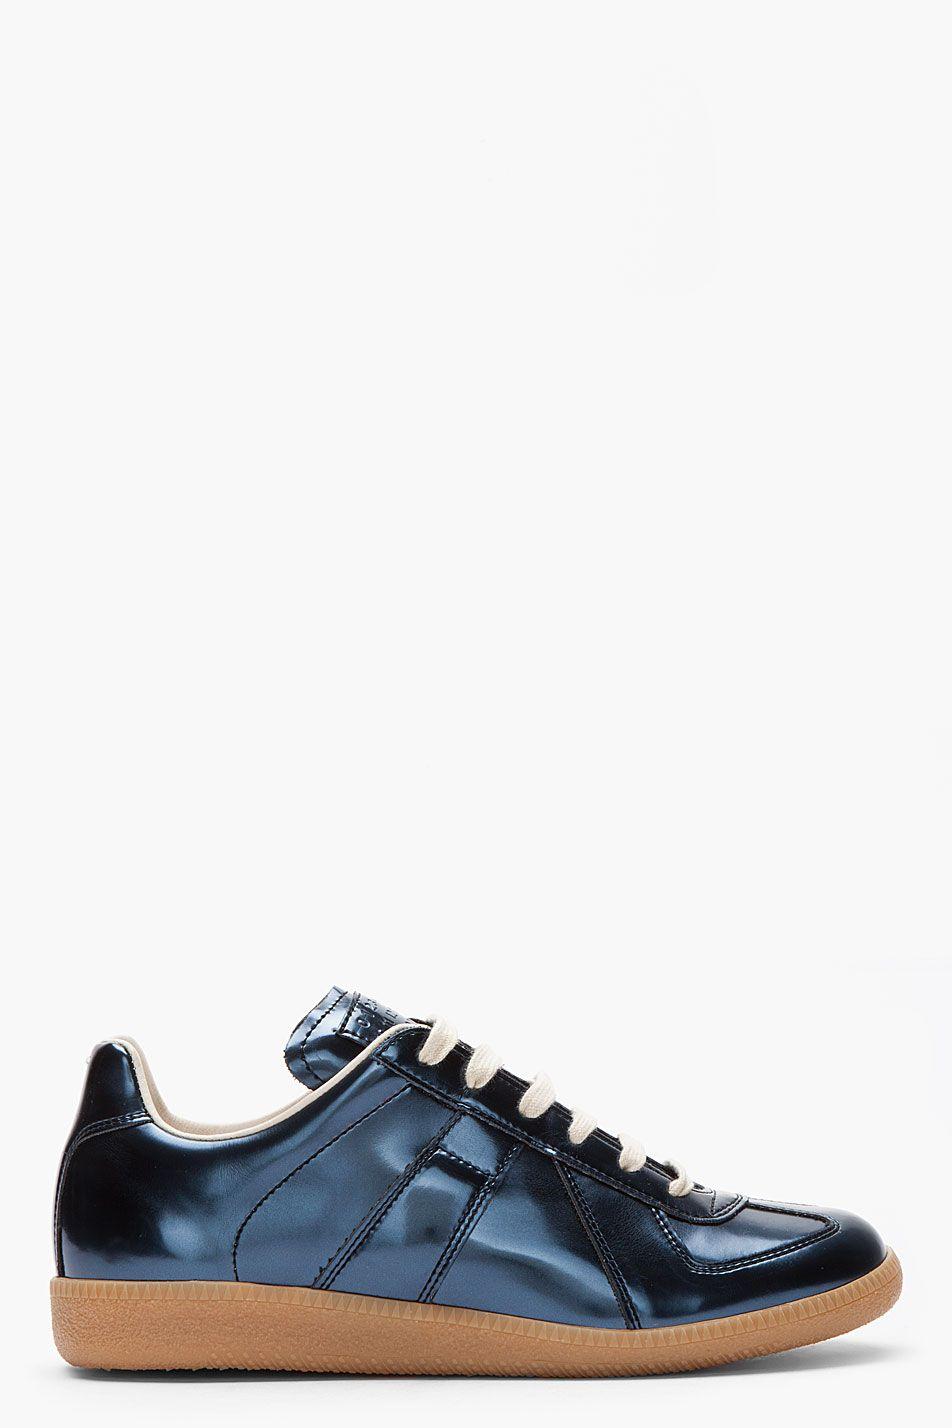 Chaussures - Bas-tops Et Chaussures De Sport Maison Martin Margiela IYgjNn